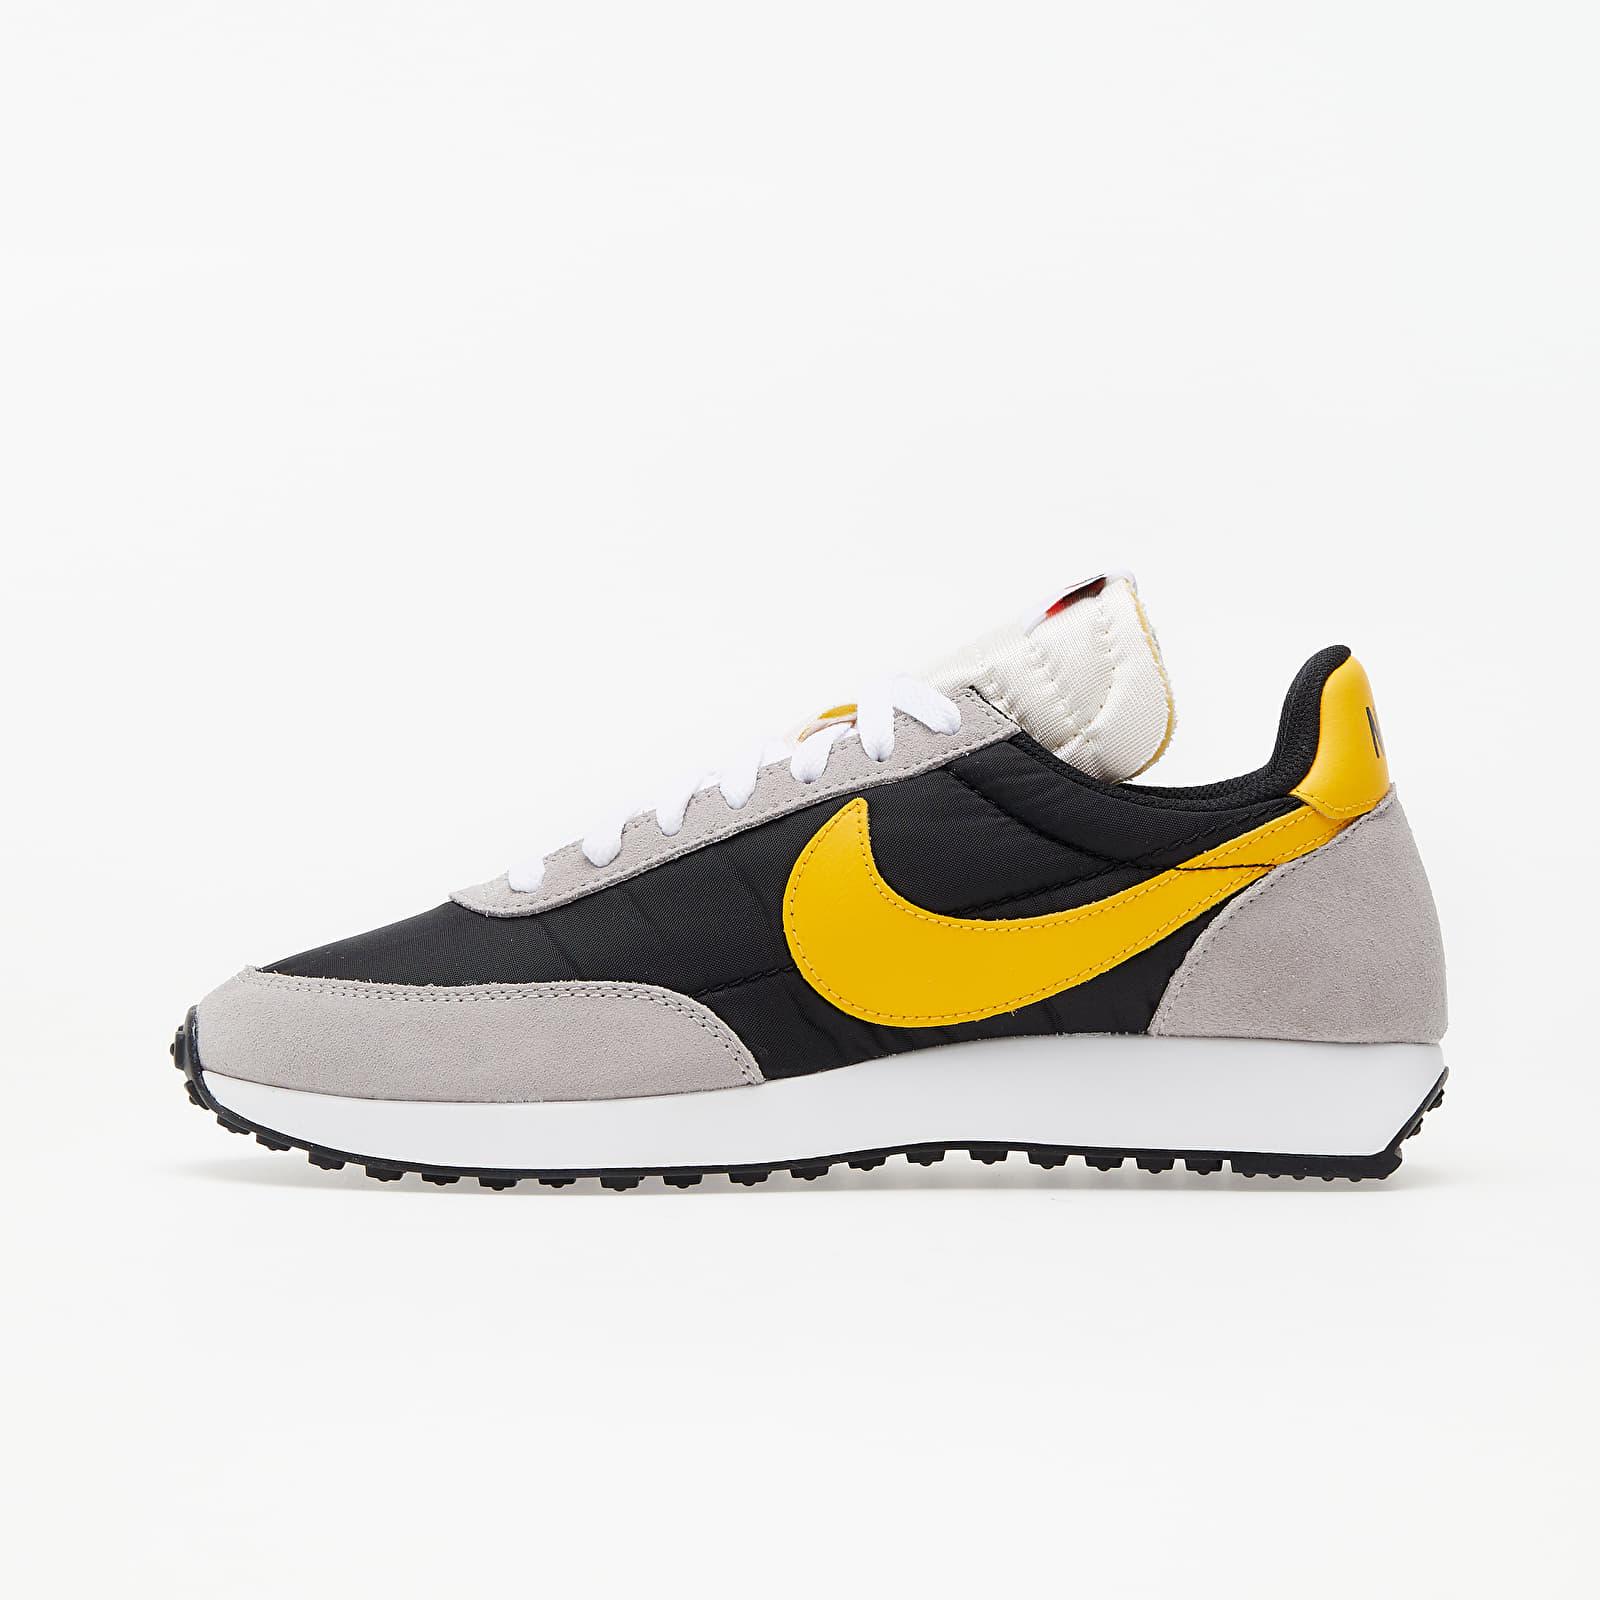 Încălțăminte și sneakerși pentru bărbați Nike Air Tailwind 79 Black/ University Gold-College Grey-Sail